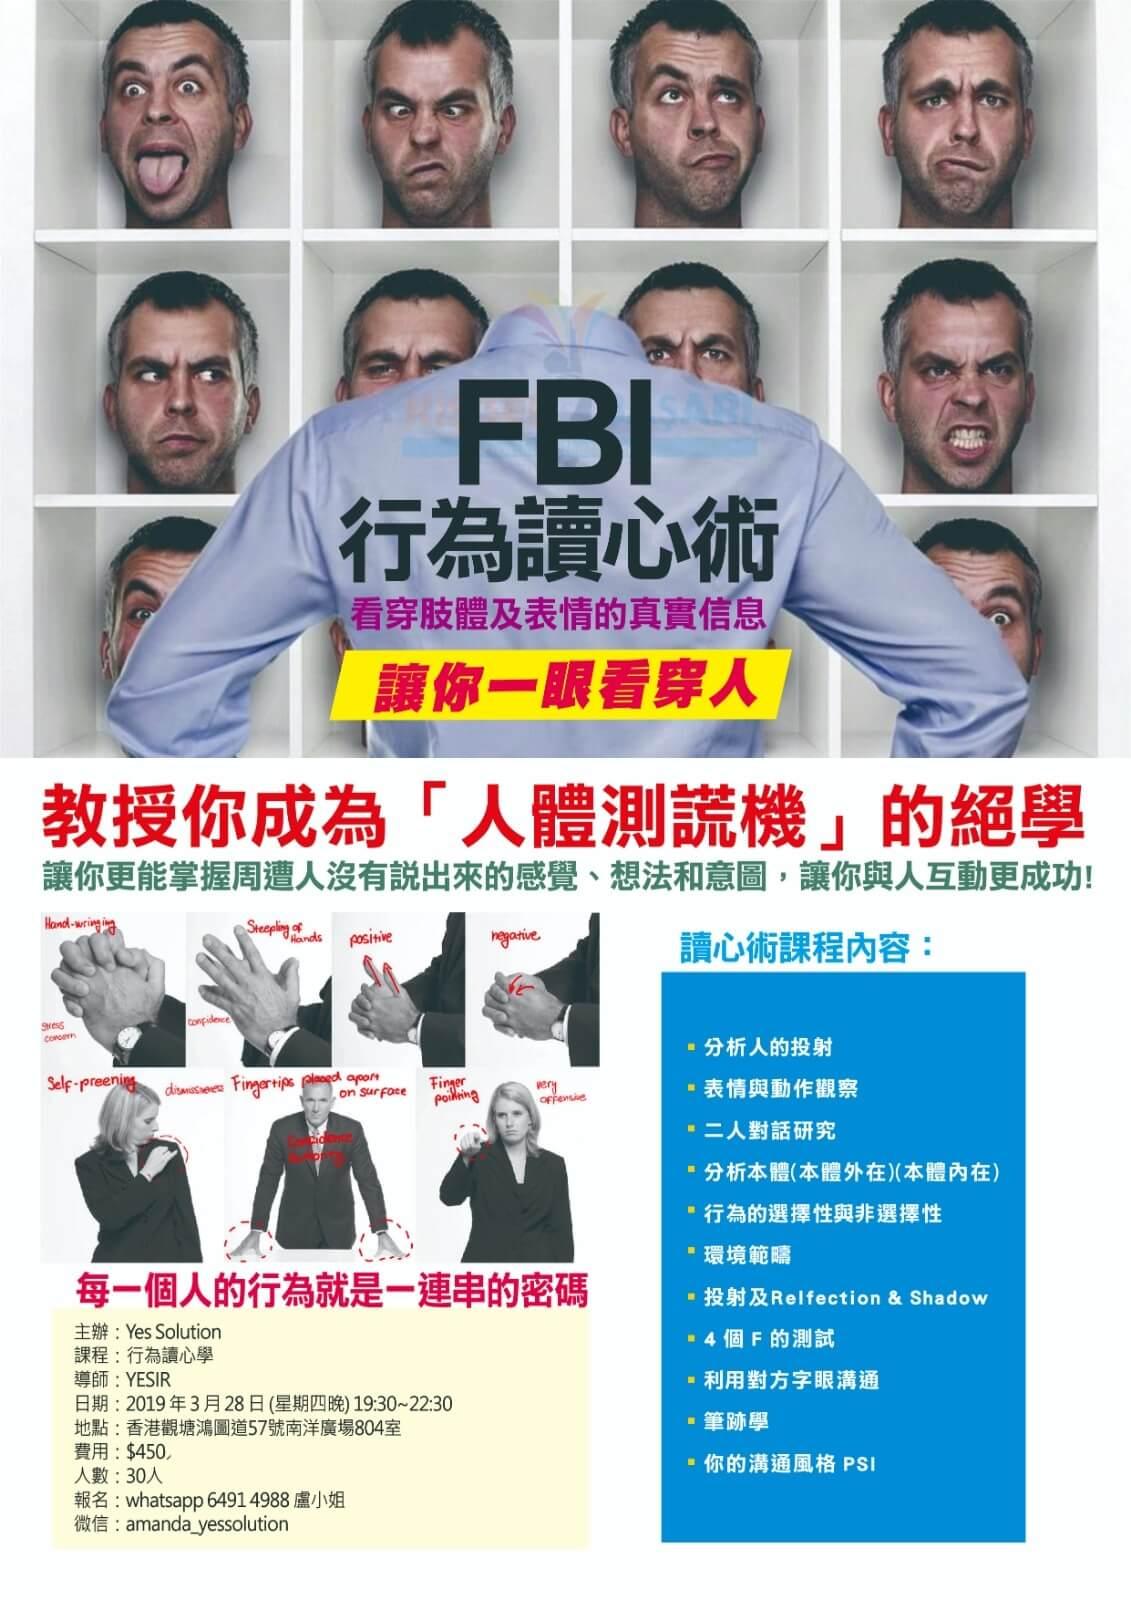 FBI行為讀心術